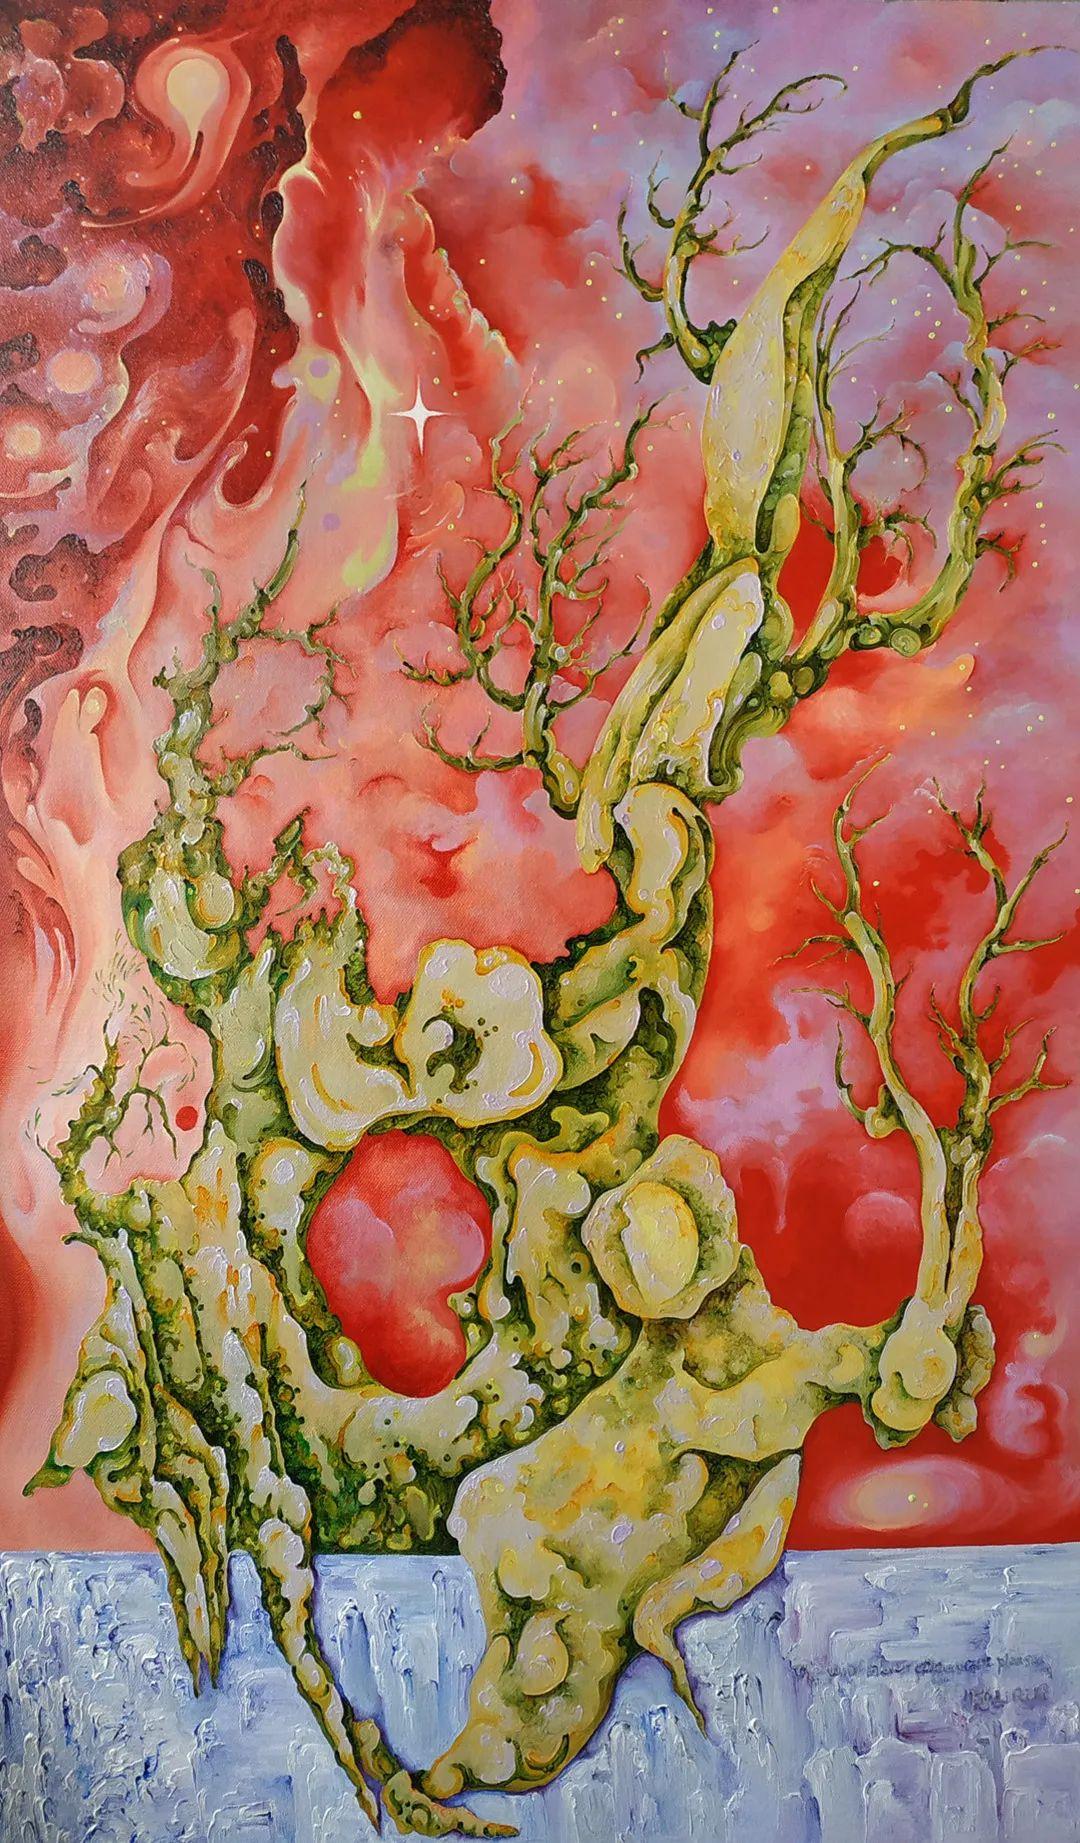 中国当代绘画艺术展作品欣赏之 李琪莉插图1